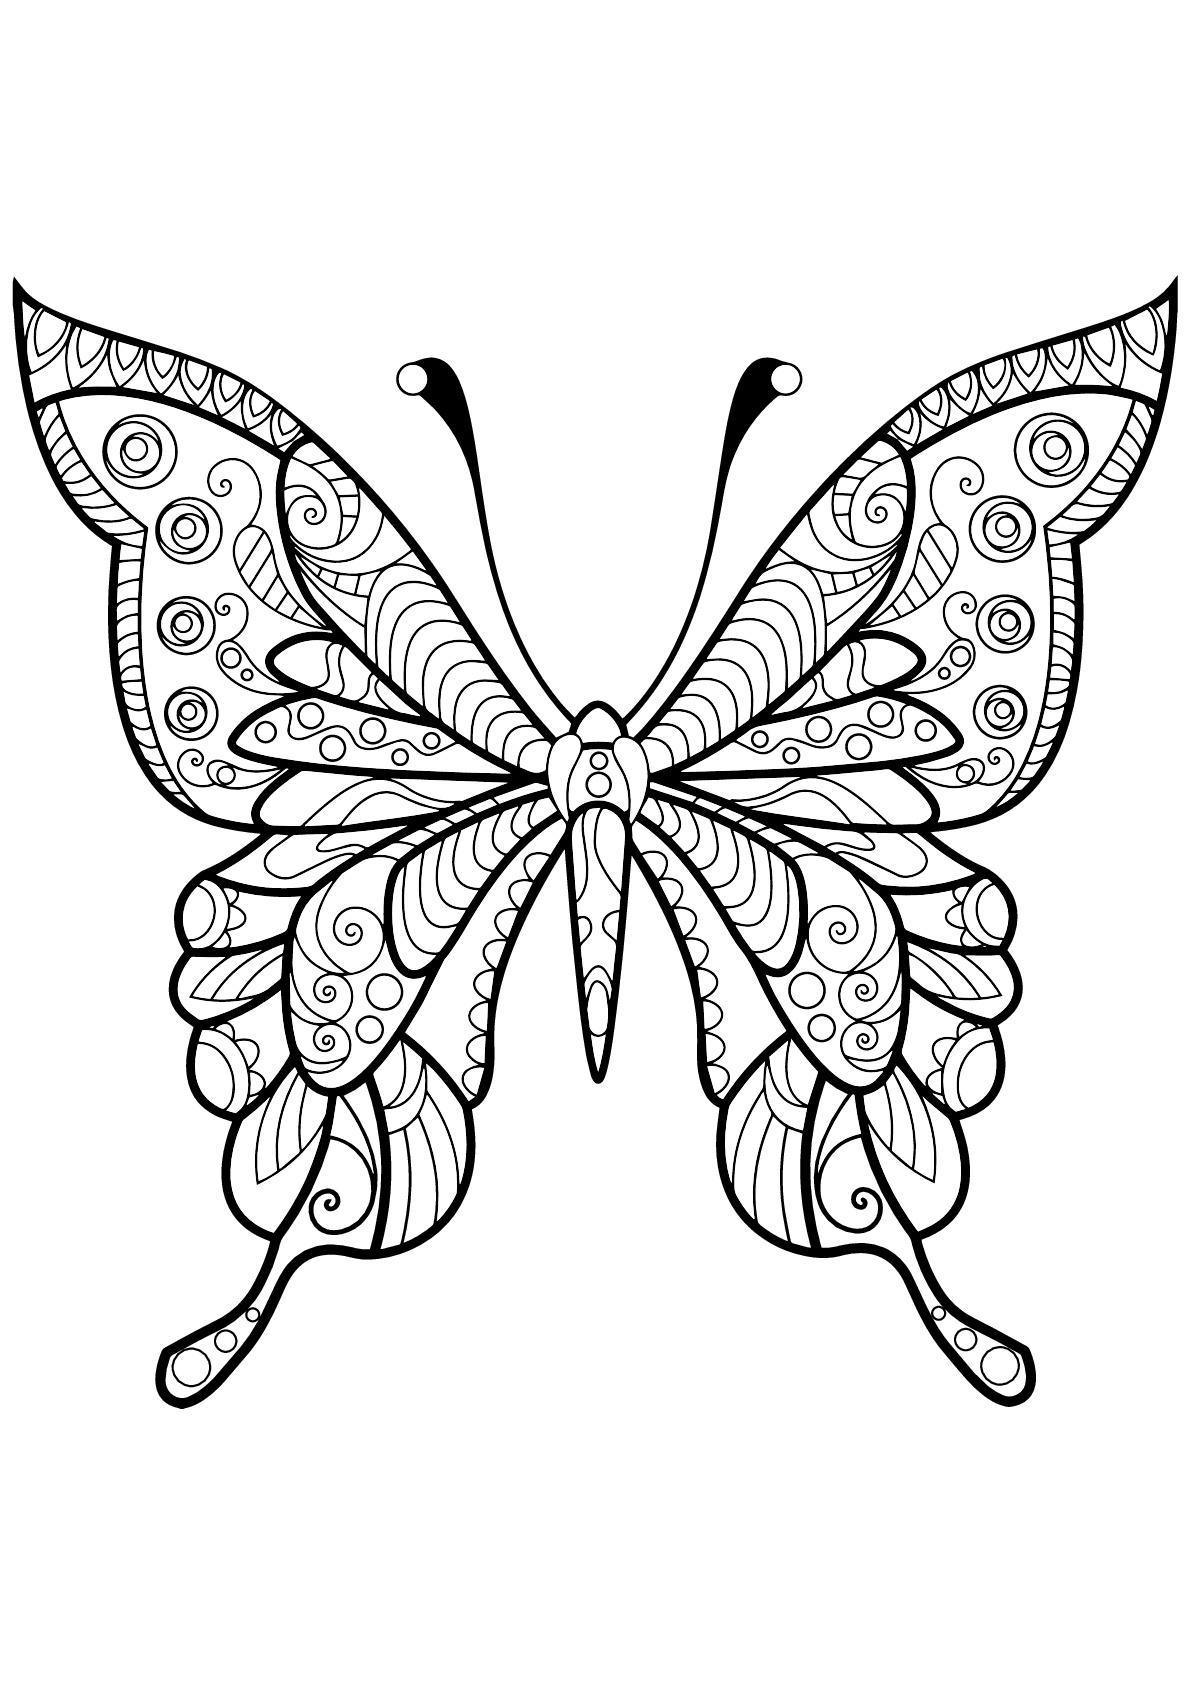 Colorear para adultos  : Insectos - 17